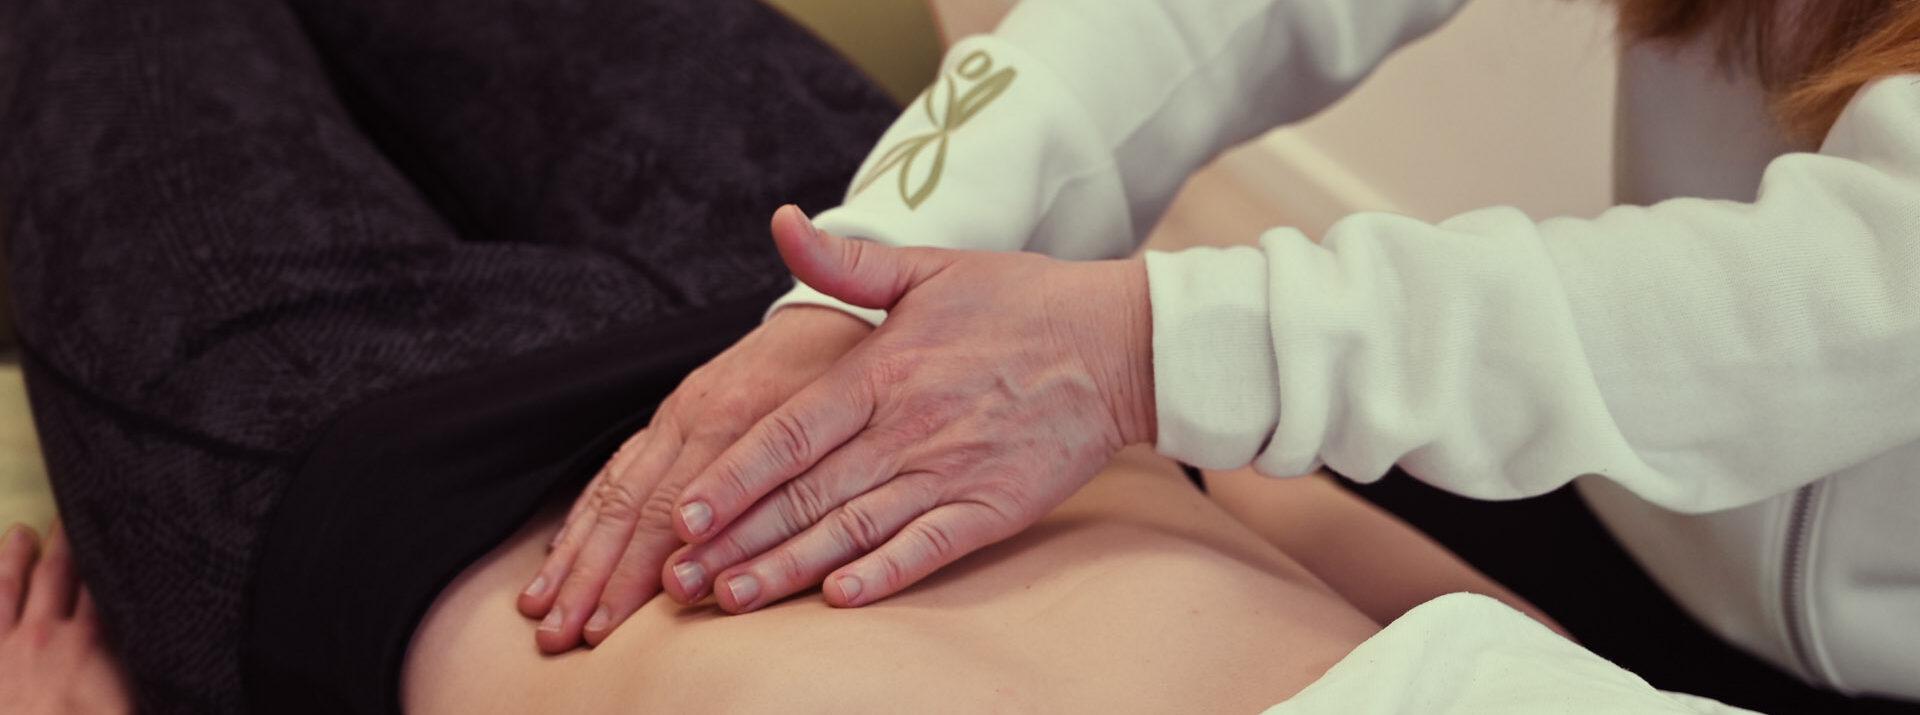 Individuelle Physiobehandlungen auf Ihre Bedürfnisse abgestimmt